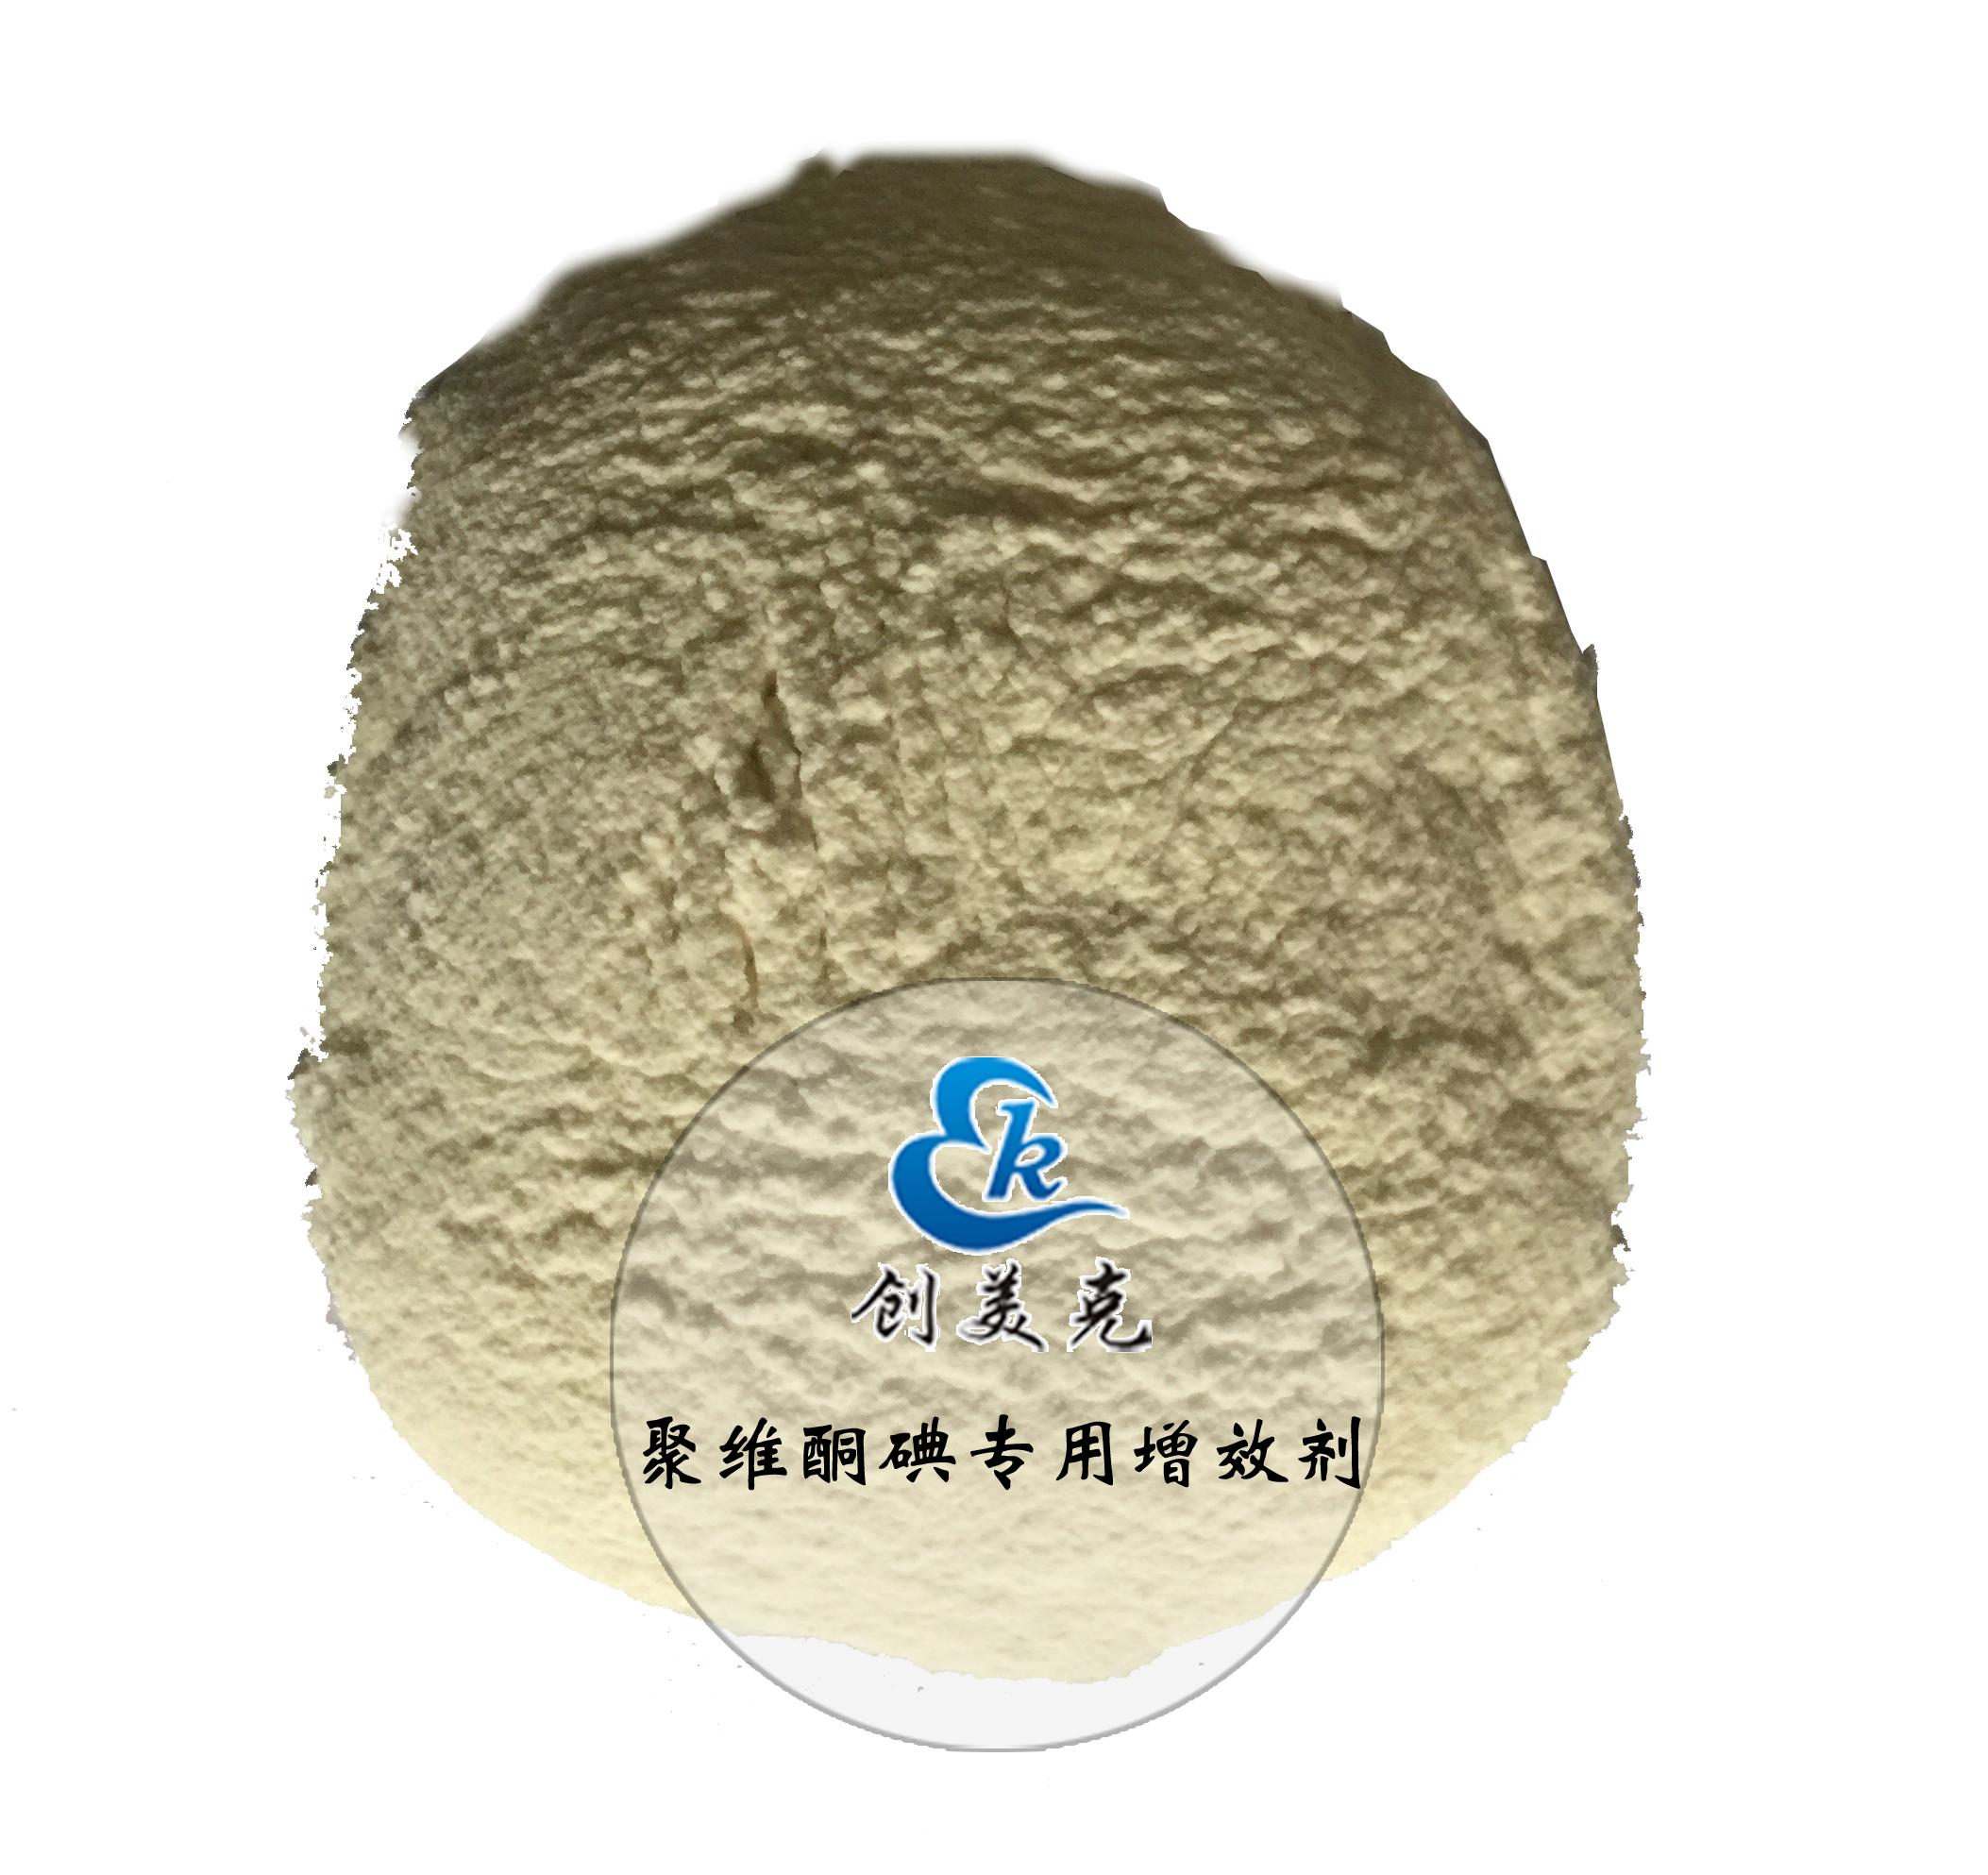 聚维酮碘专用增稠剂